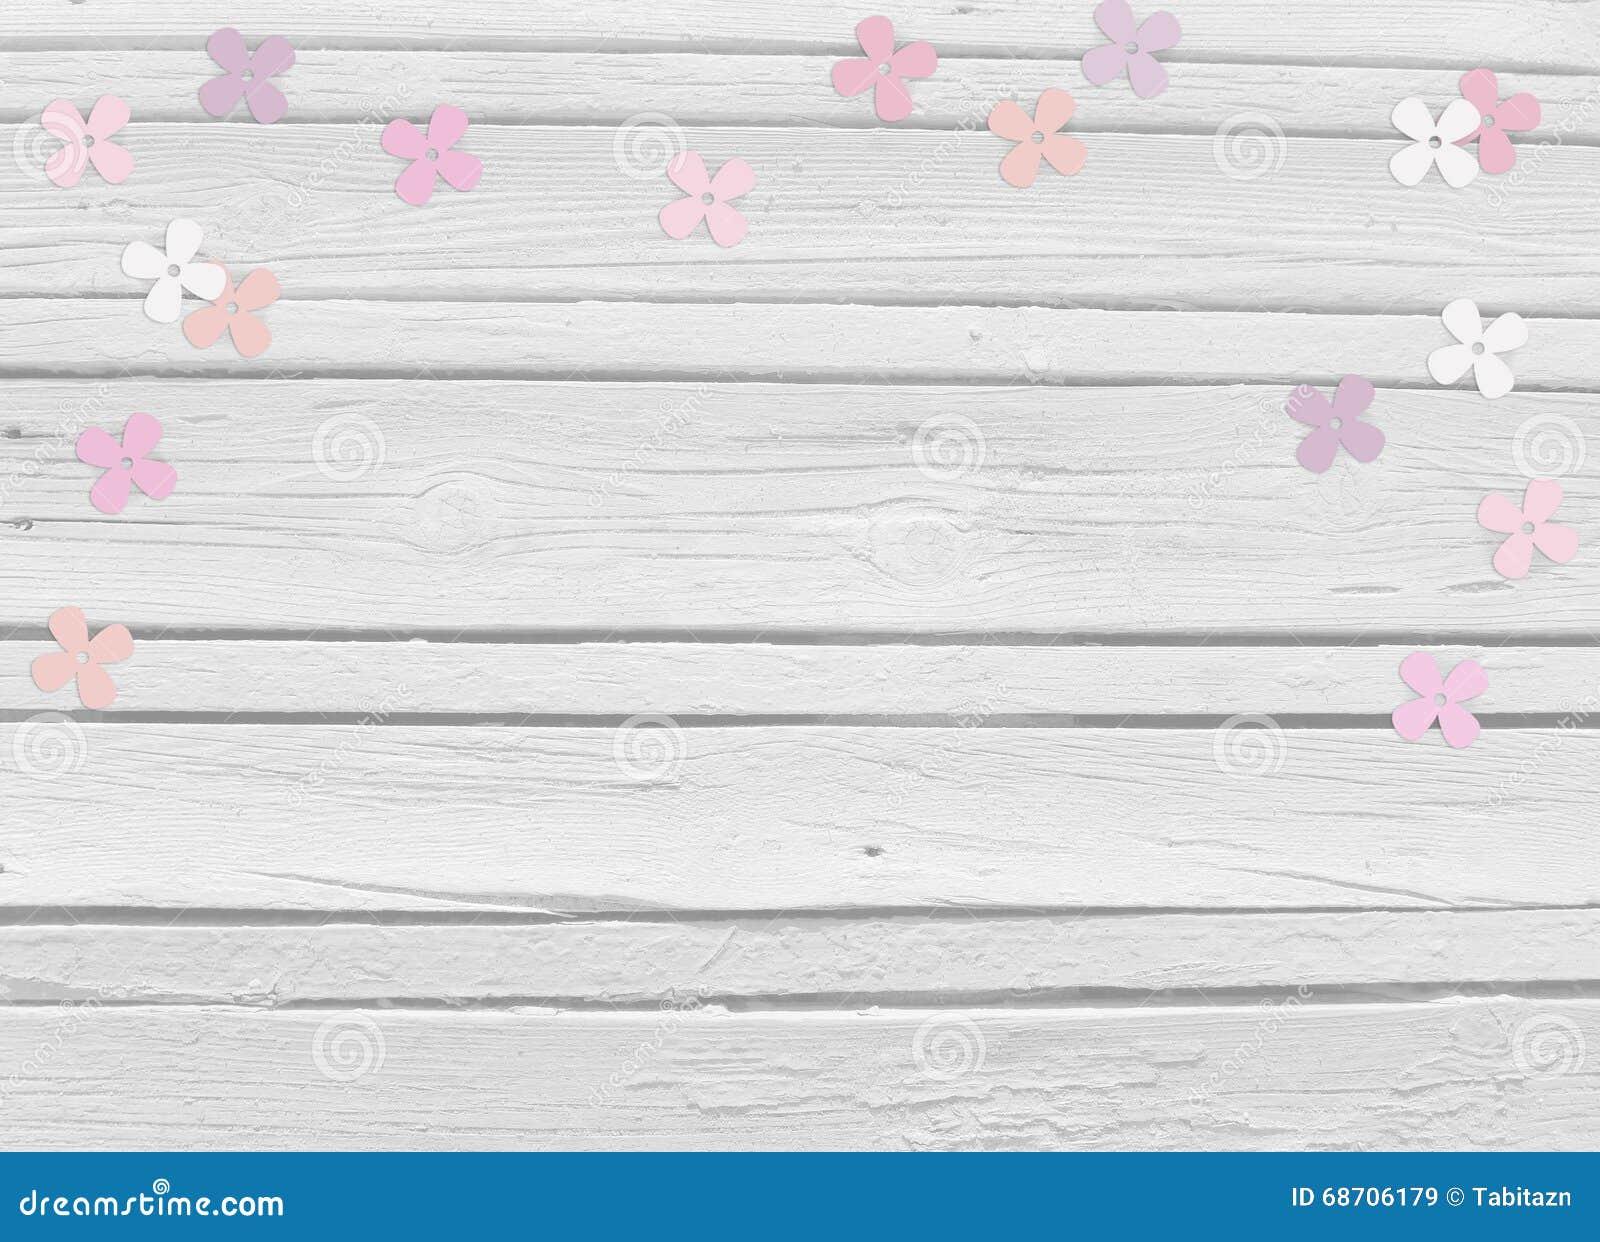 Dziecko prysznic, urodzinowy dzień, ślubna mockup scena z białym drewnianym tłem, kwiecisty papierowy bez lub hortensja confetti,